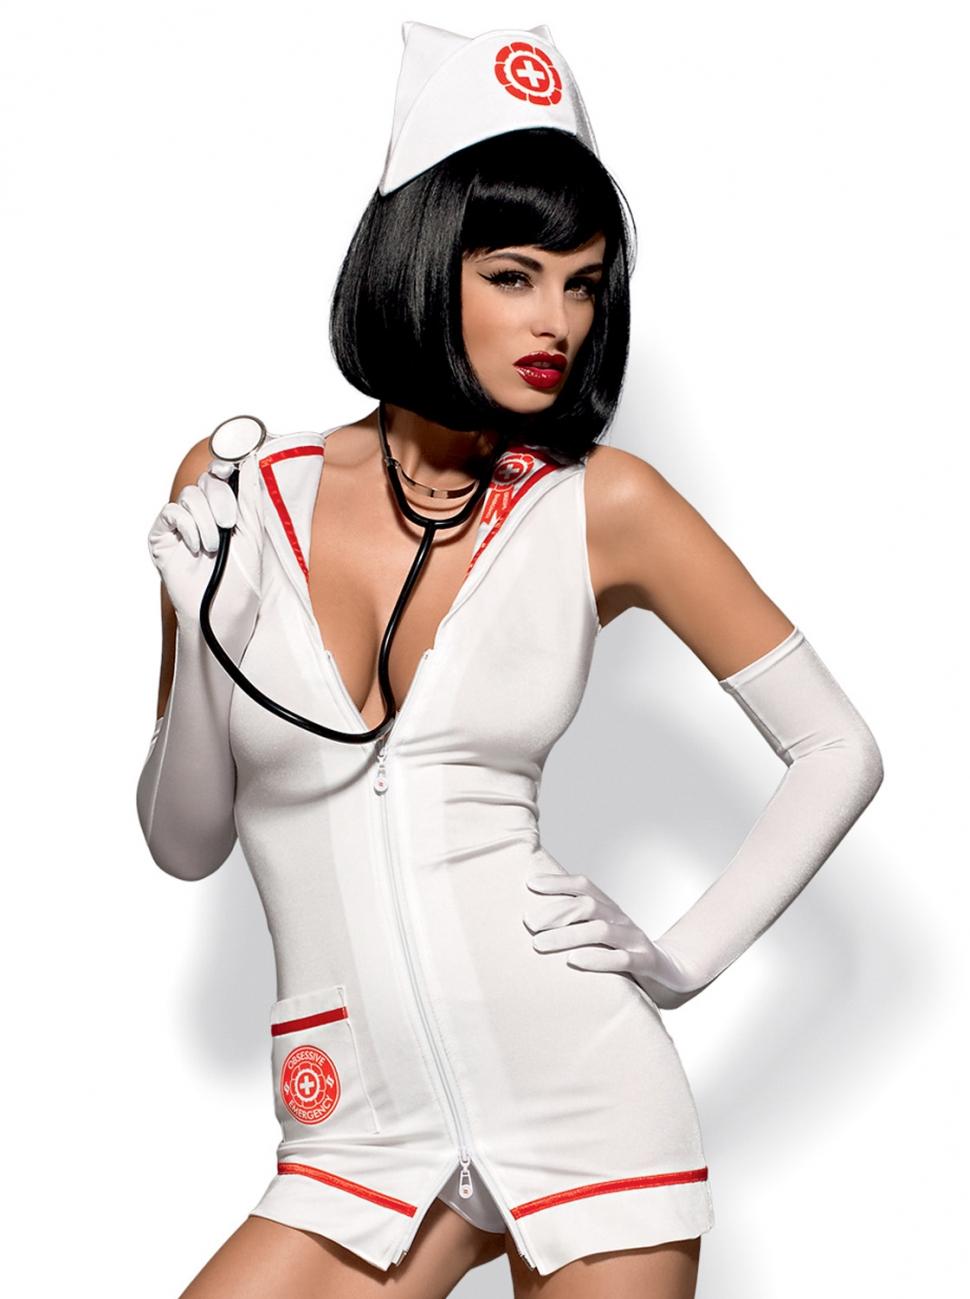 hot-naked-nurse-female